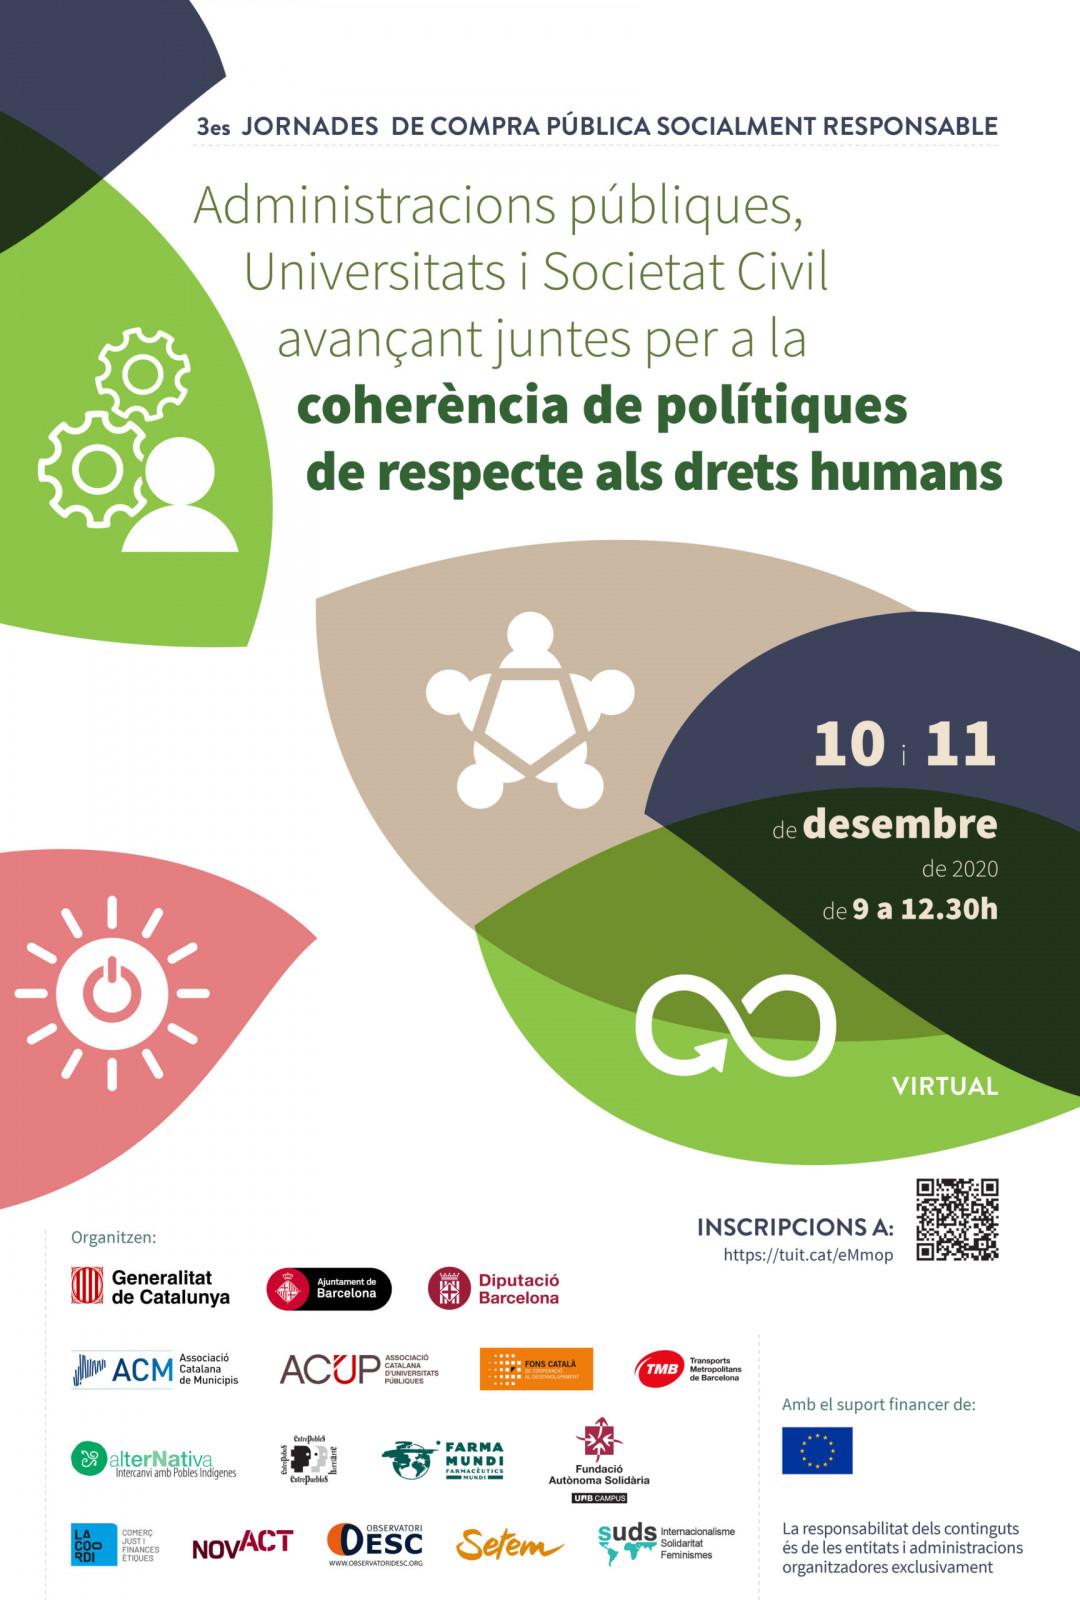 3ers_jornades_compra_publica_responsable